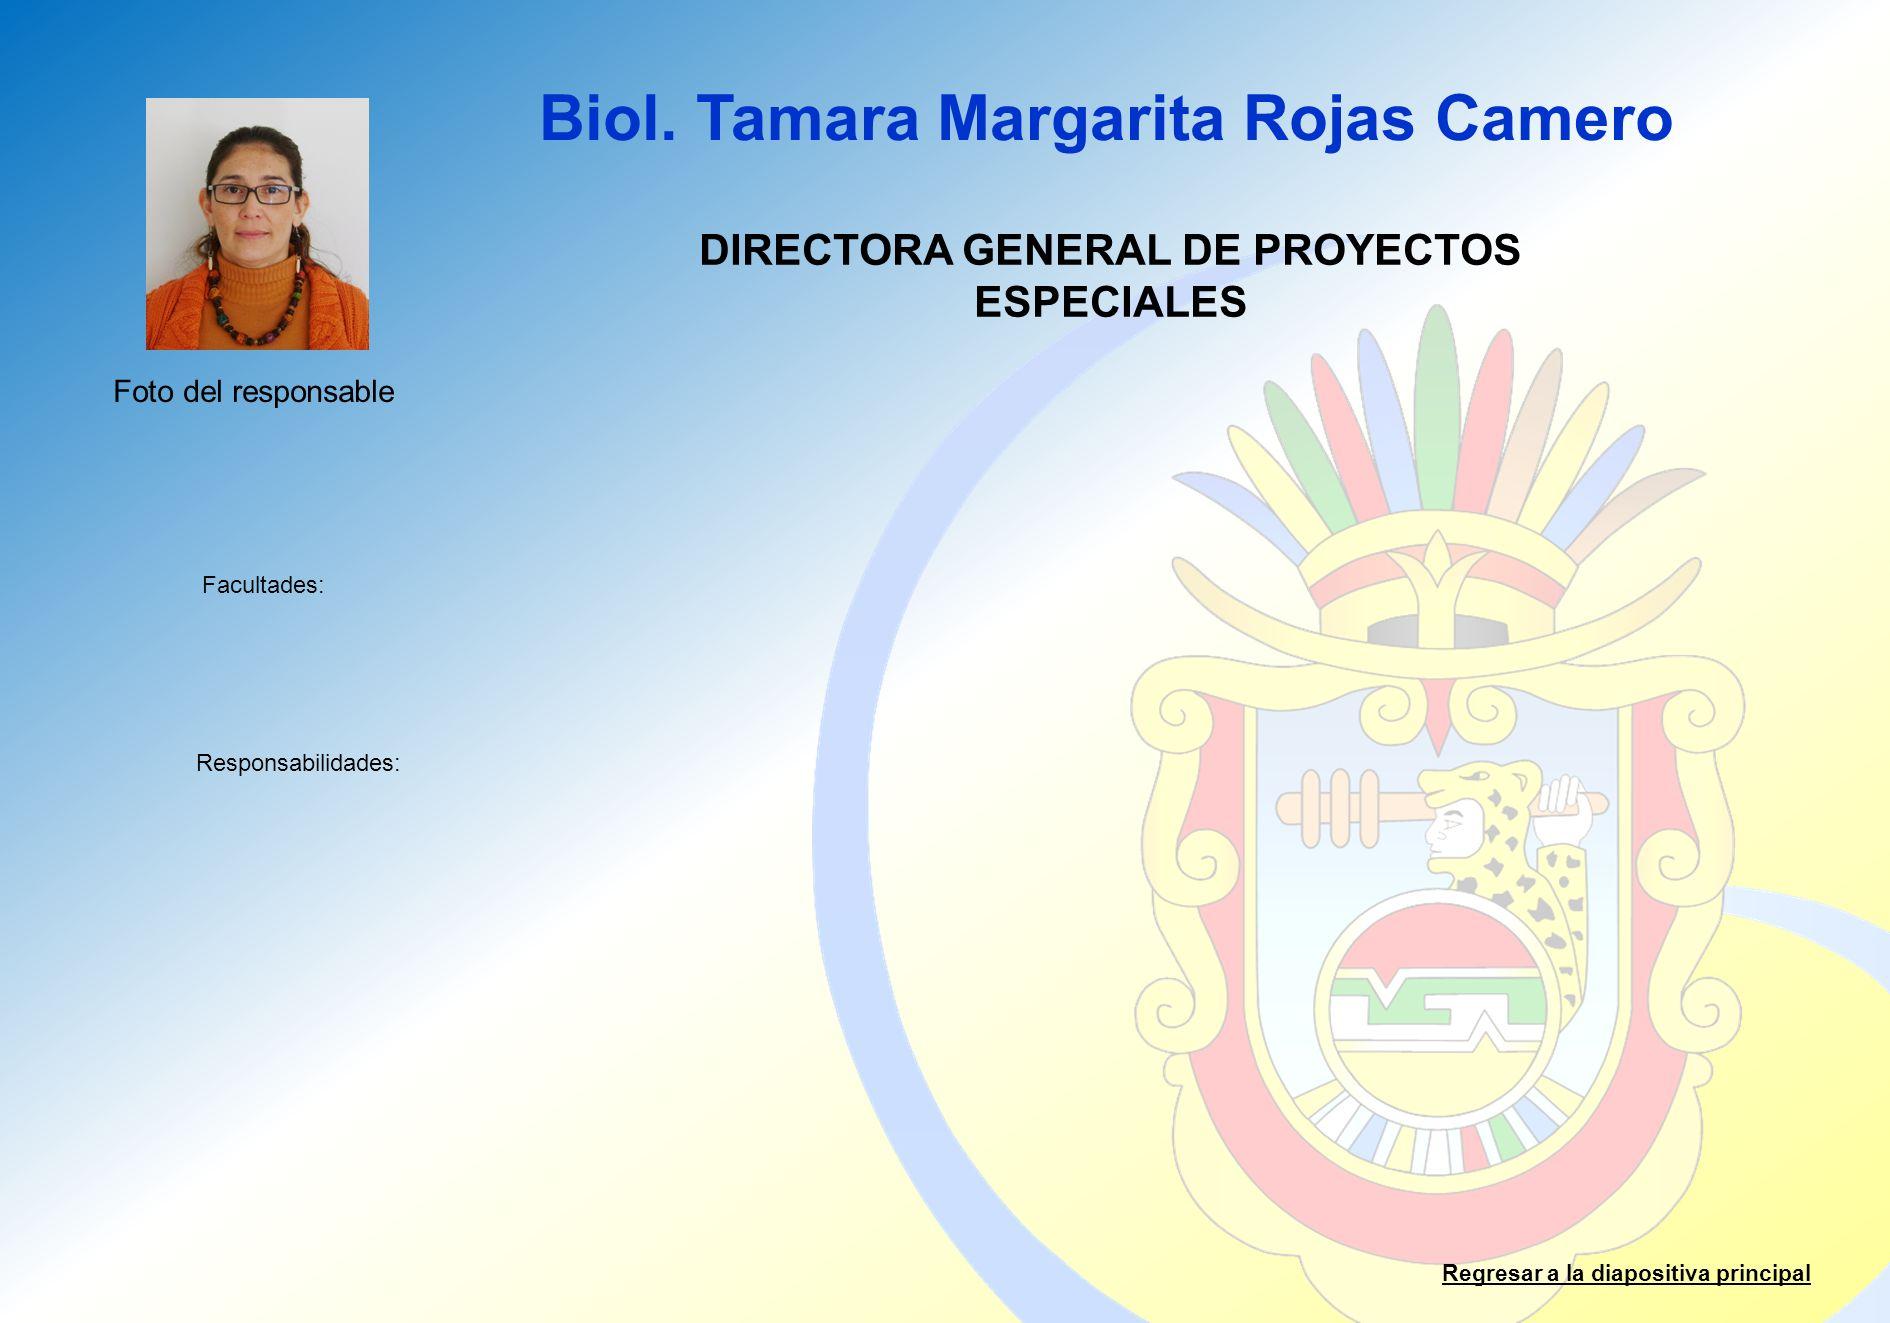 DIRECTORA GENERAL DE PROYECTOS ESPECIALES